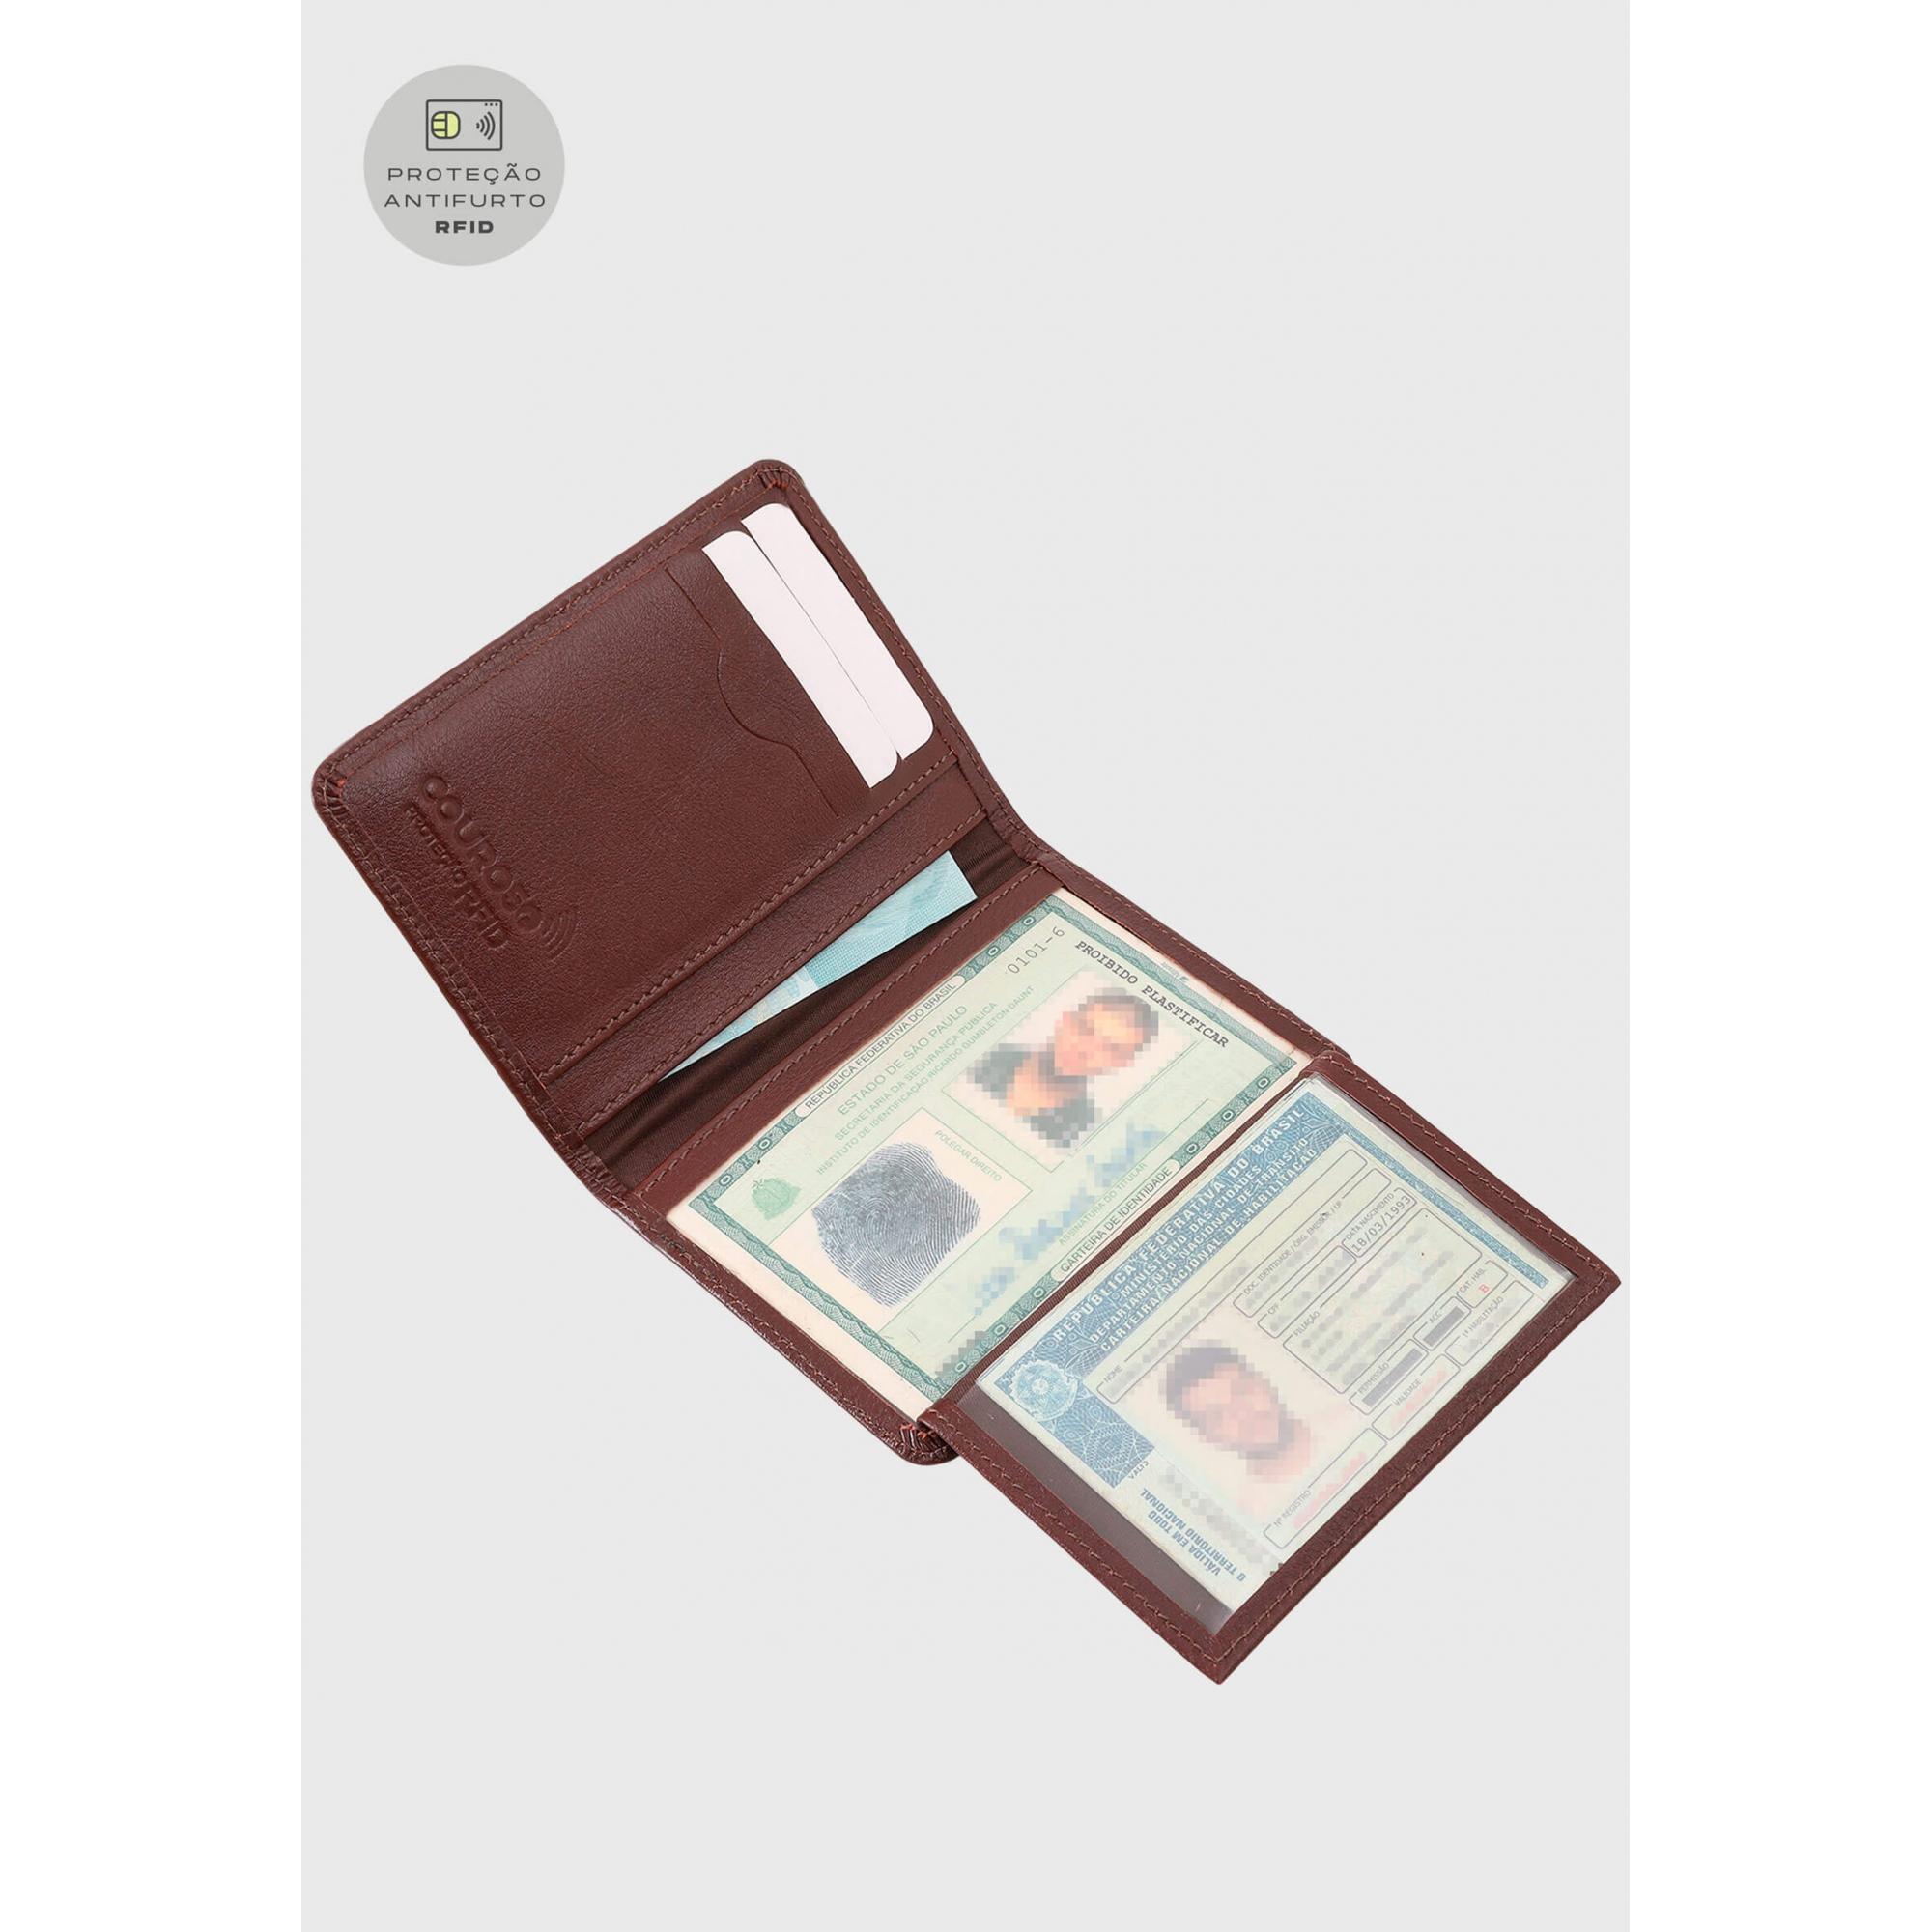 Carteira Couro Couro50 Proteção Antifurto RFID 620